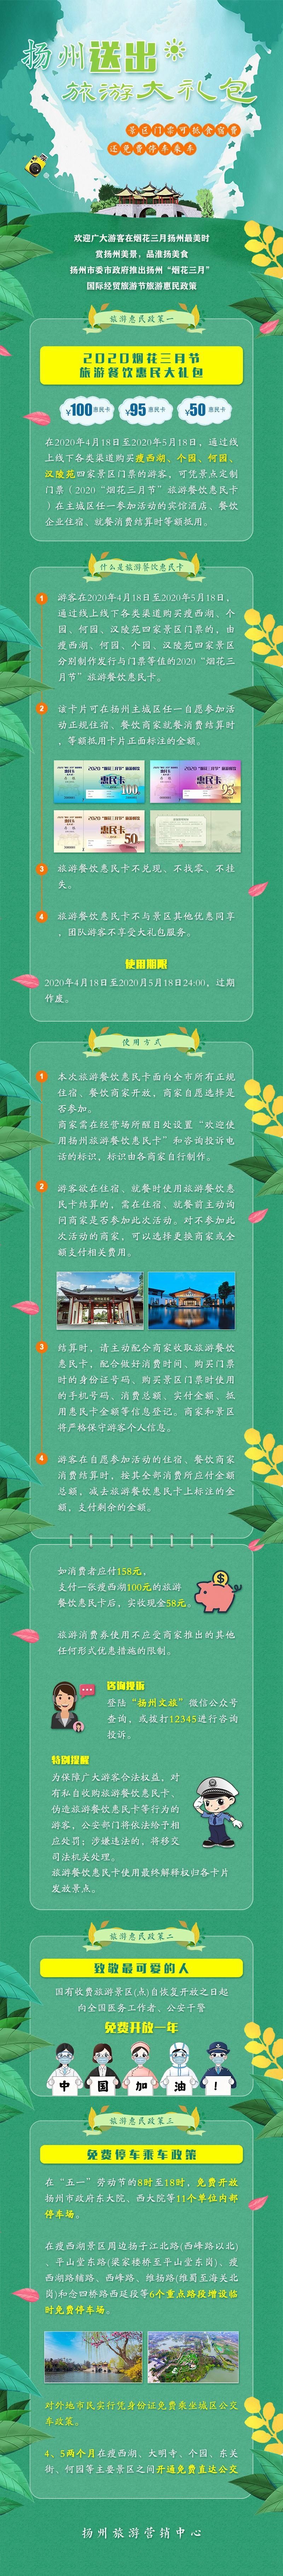 摩天登录:推摩天登录出烟花三月节旅游餐饮惠民大图片